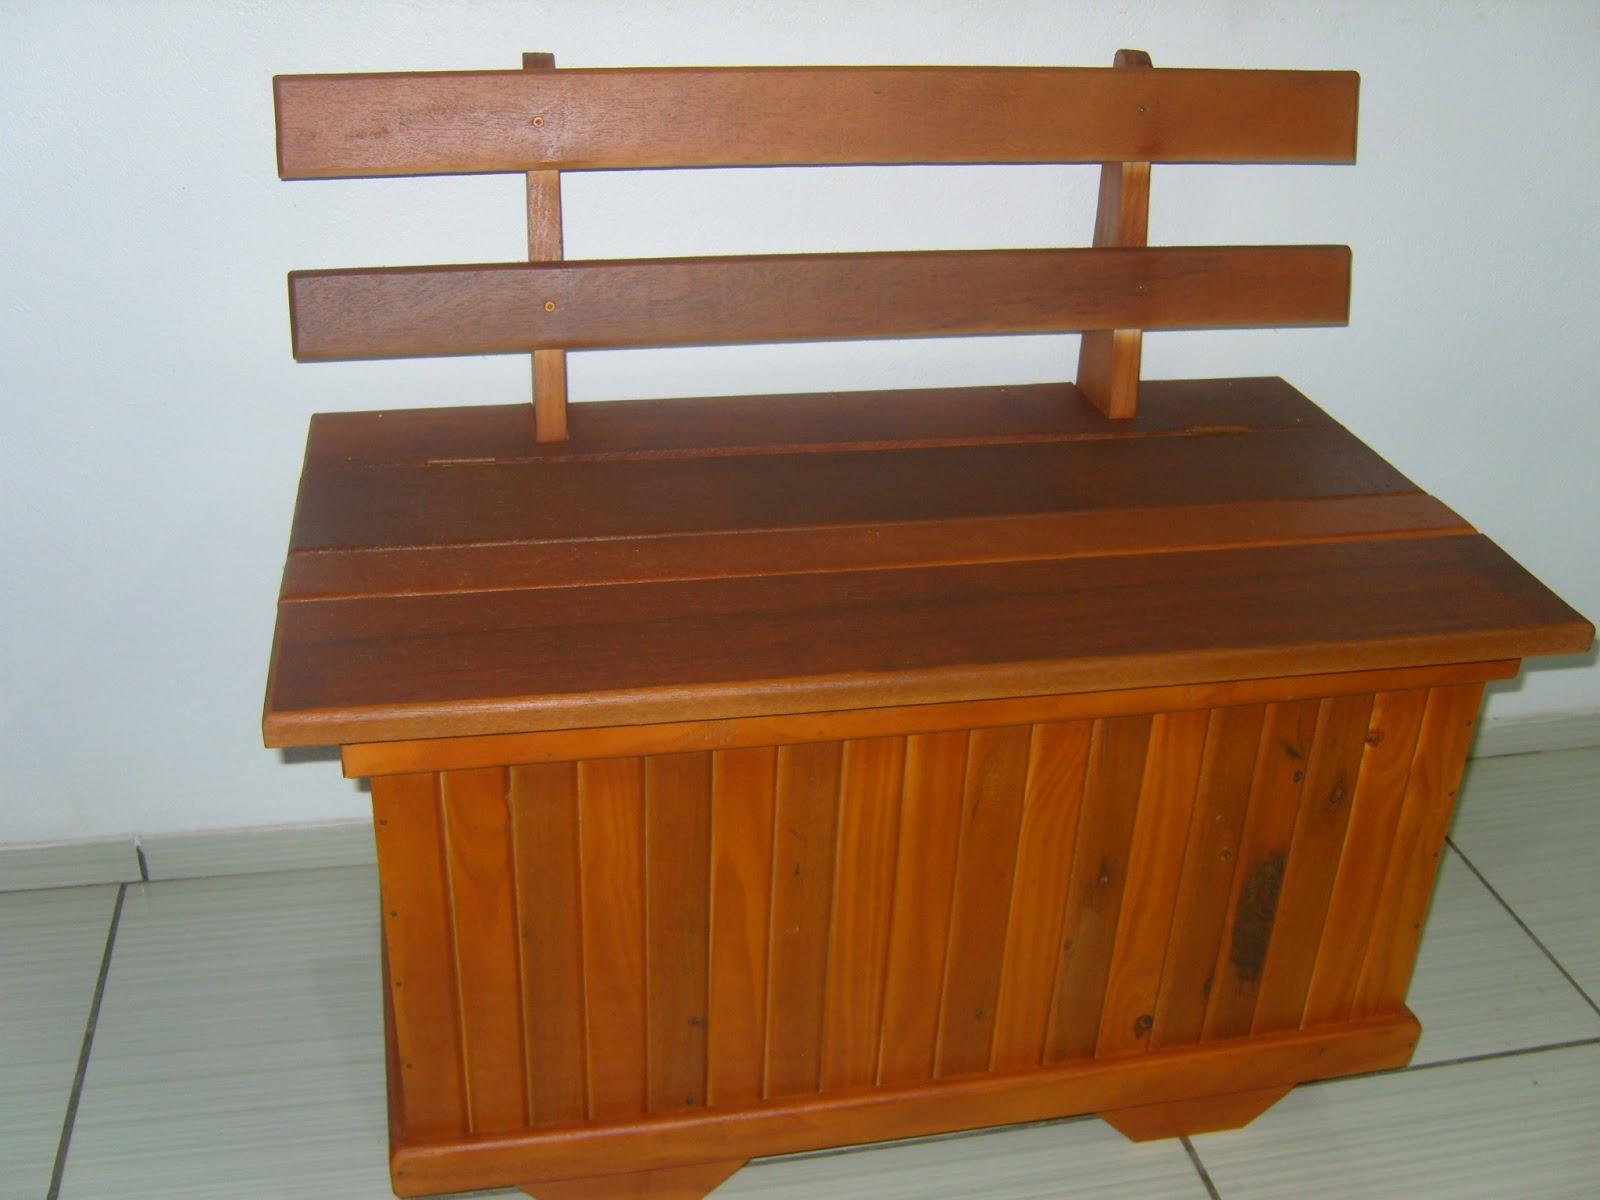 caixa de lenha rustica acabamento verniz cedro acetinado #B15108 1600x1200